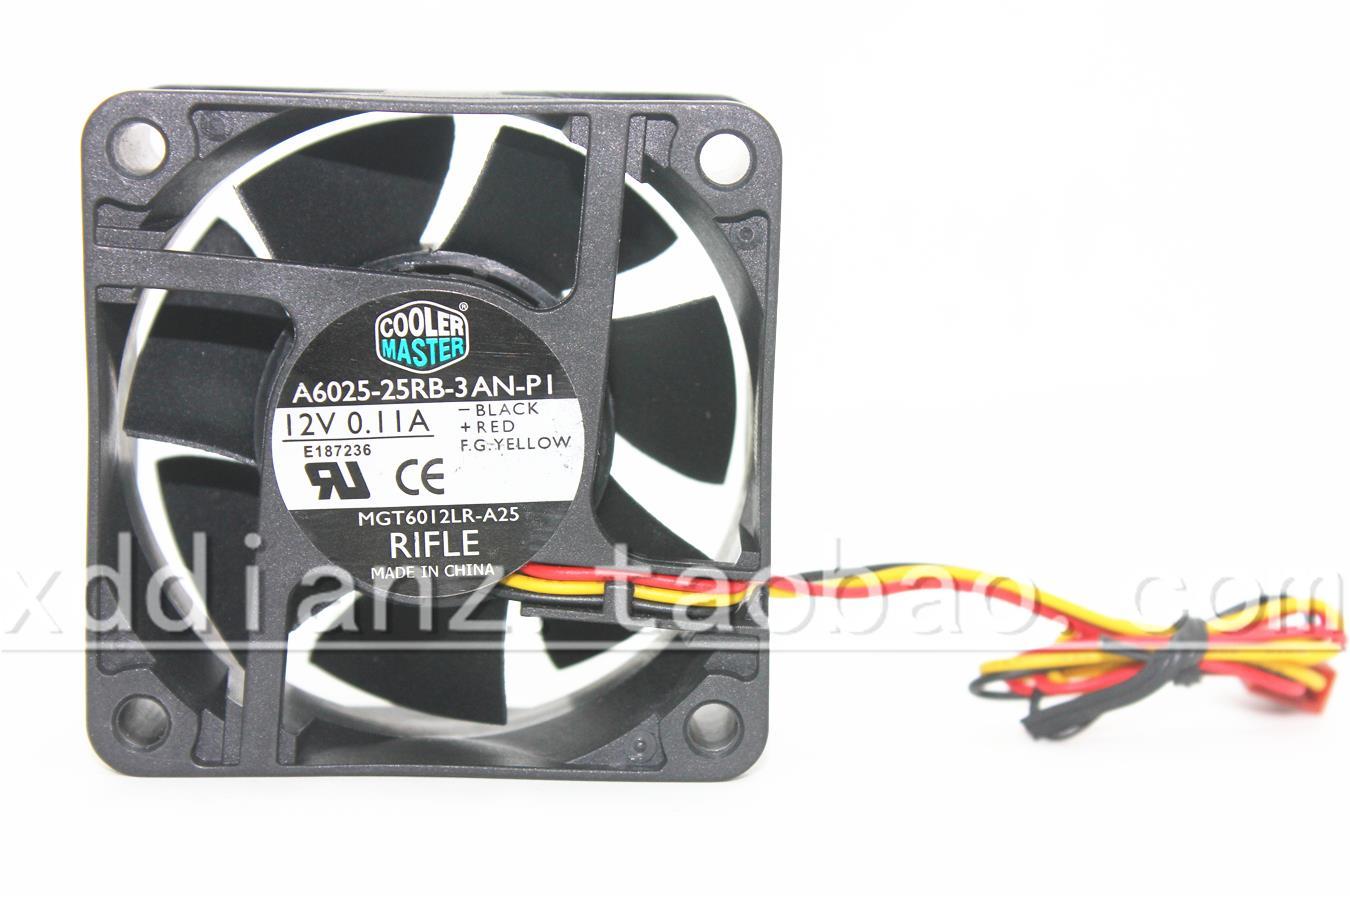 A6025-25RB-3AN-PI Fan 6025 12V 0.11A 6cm 6cm 3-проводной ультра-тихий компьютерный вентилятор